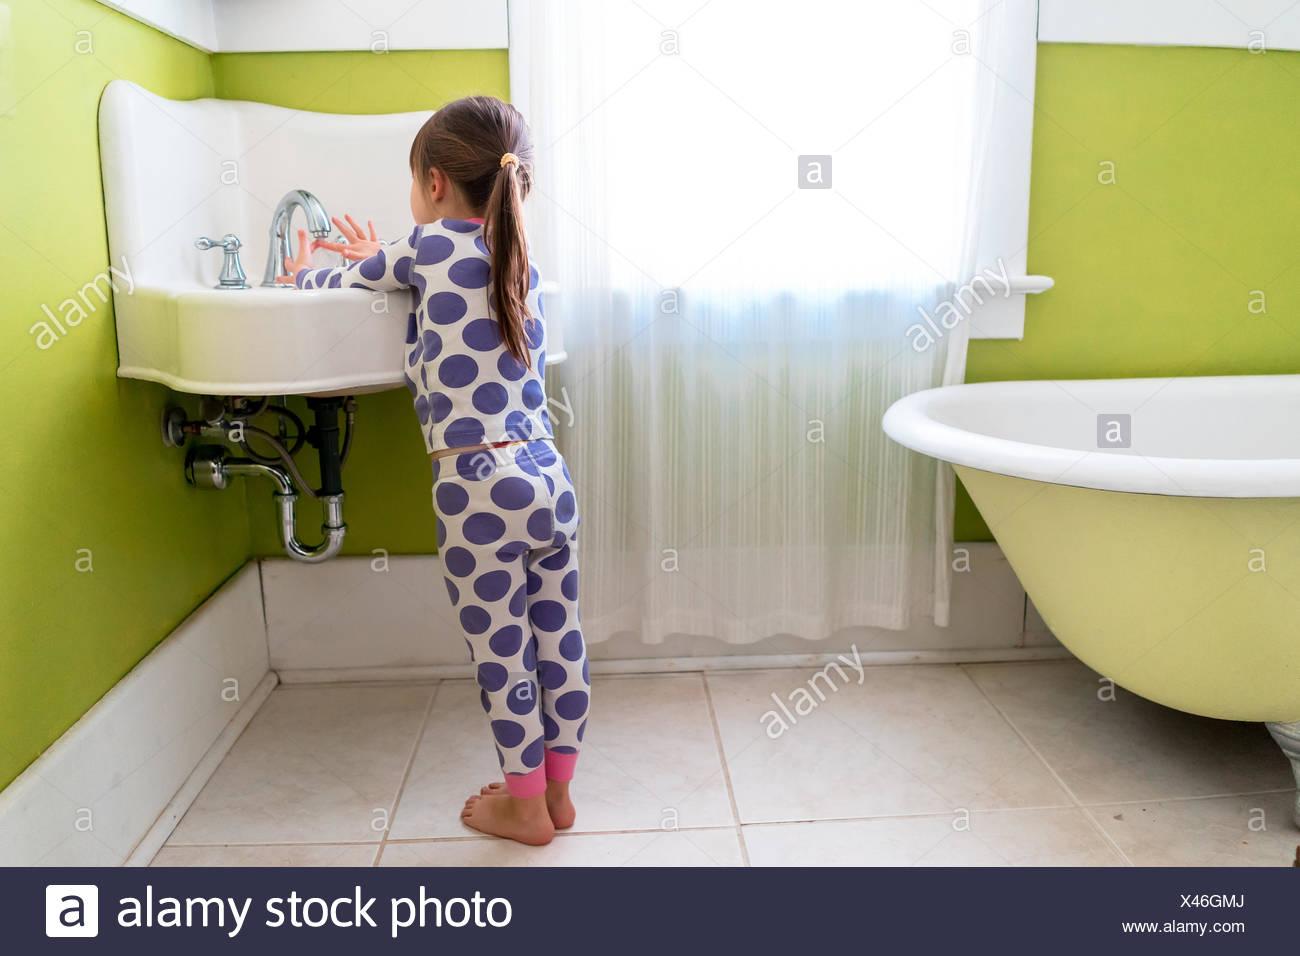 Chica de pie en el baño, lavando sus manos Foto de stock